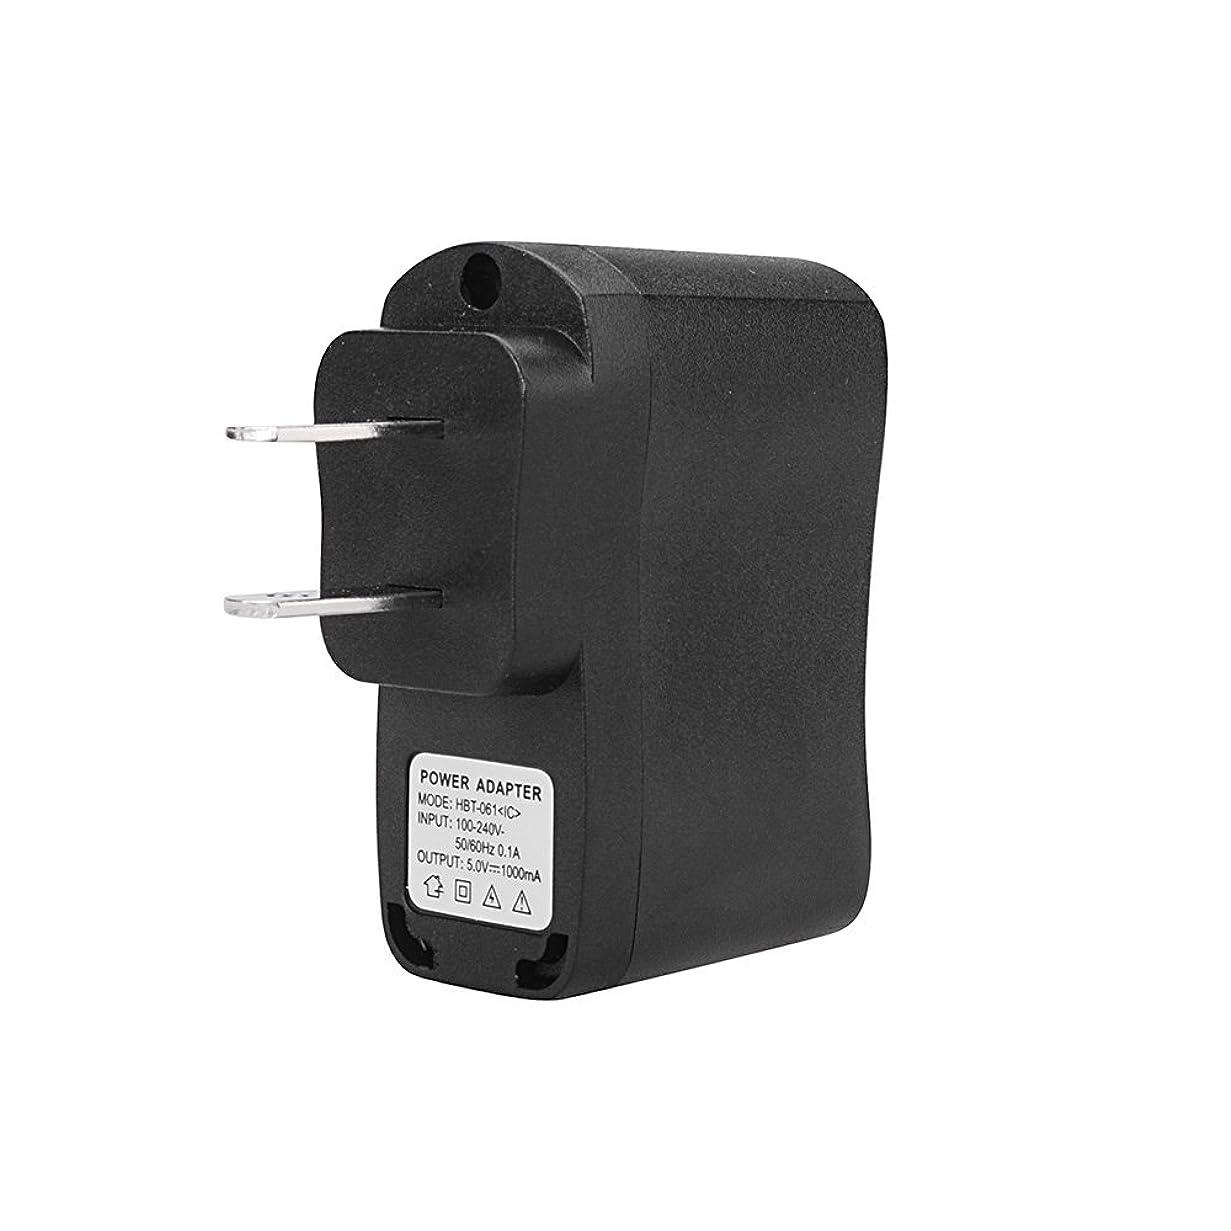 ラフ睡眠シティスクラップAndoer 5V 1000mA 出力 US プラグイン 旅行用 充電器 USB電源プラグ SJ6000 SJ5000 SJ4000 小型 スポーツDV スマートフォン 携帯電話に対応 並行輸入品